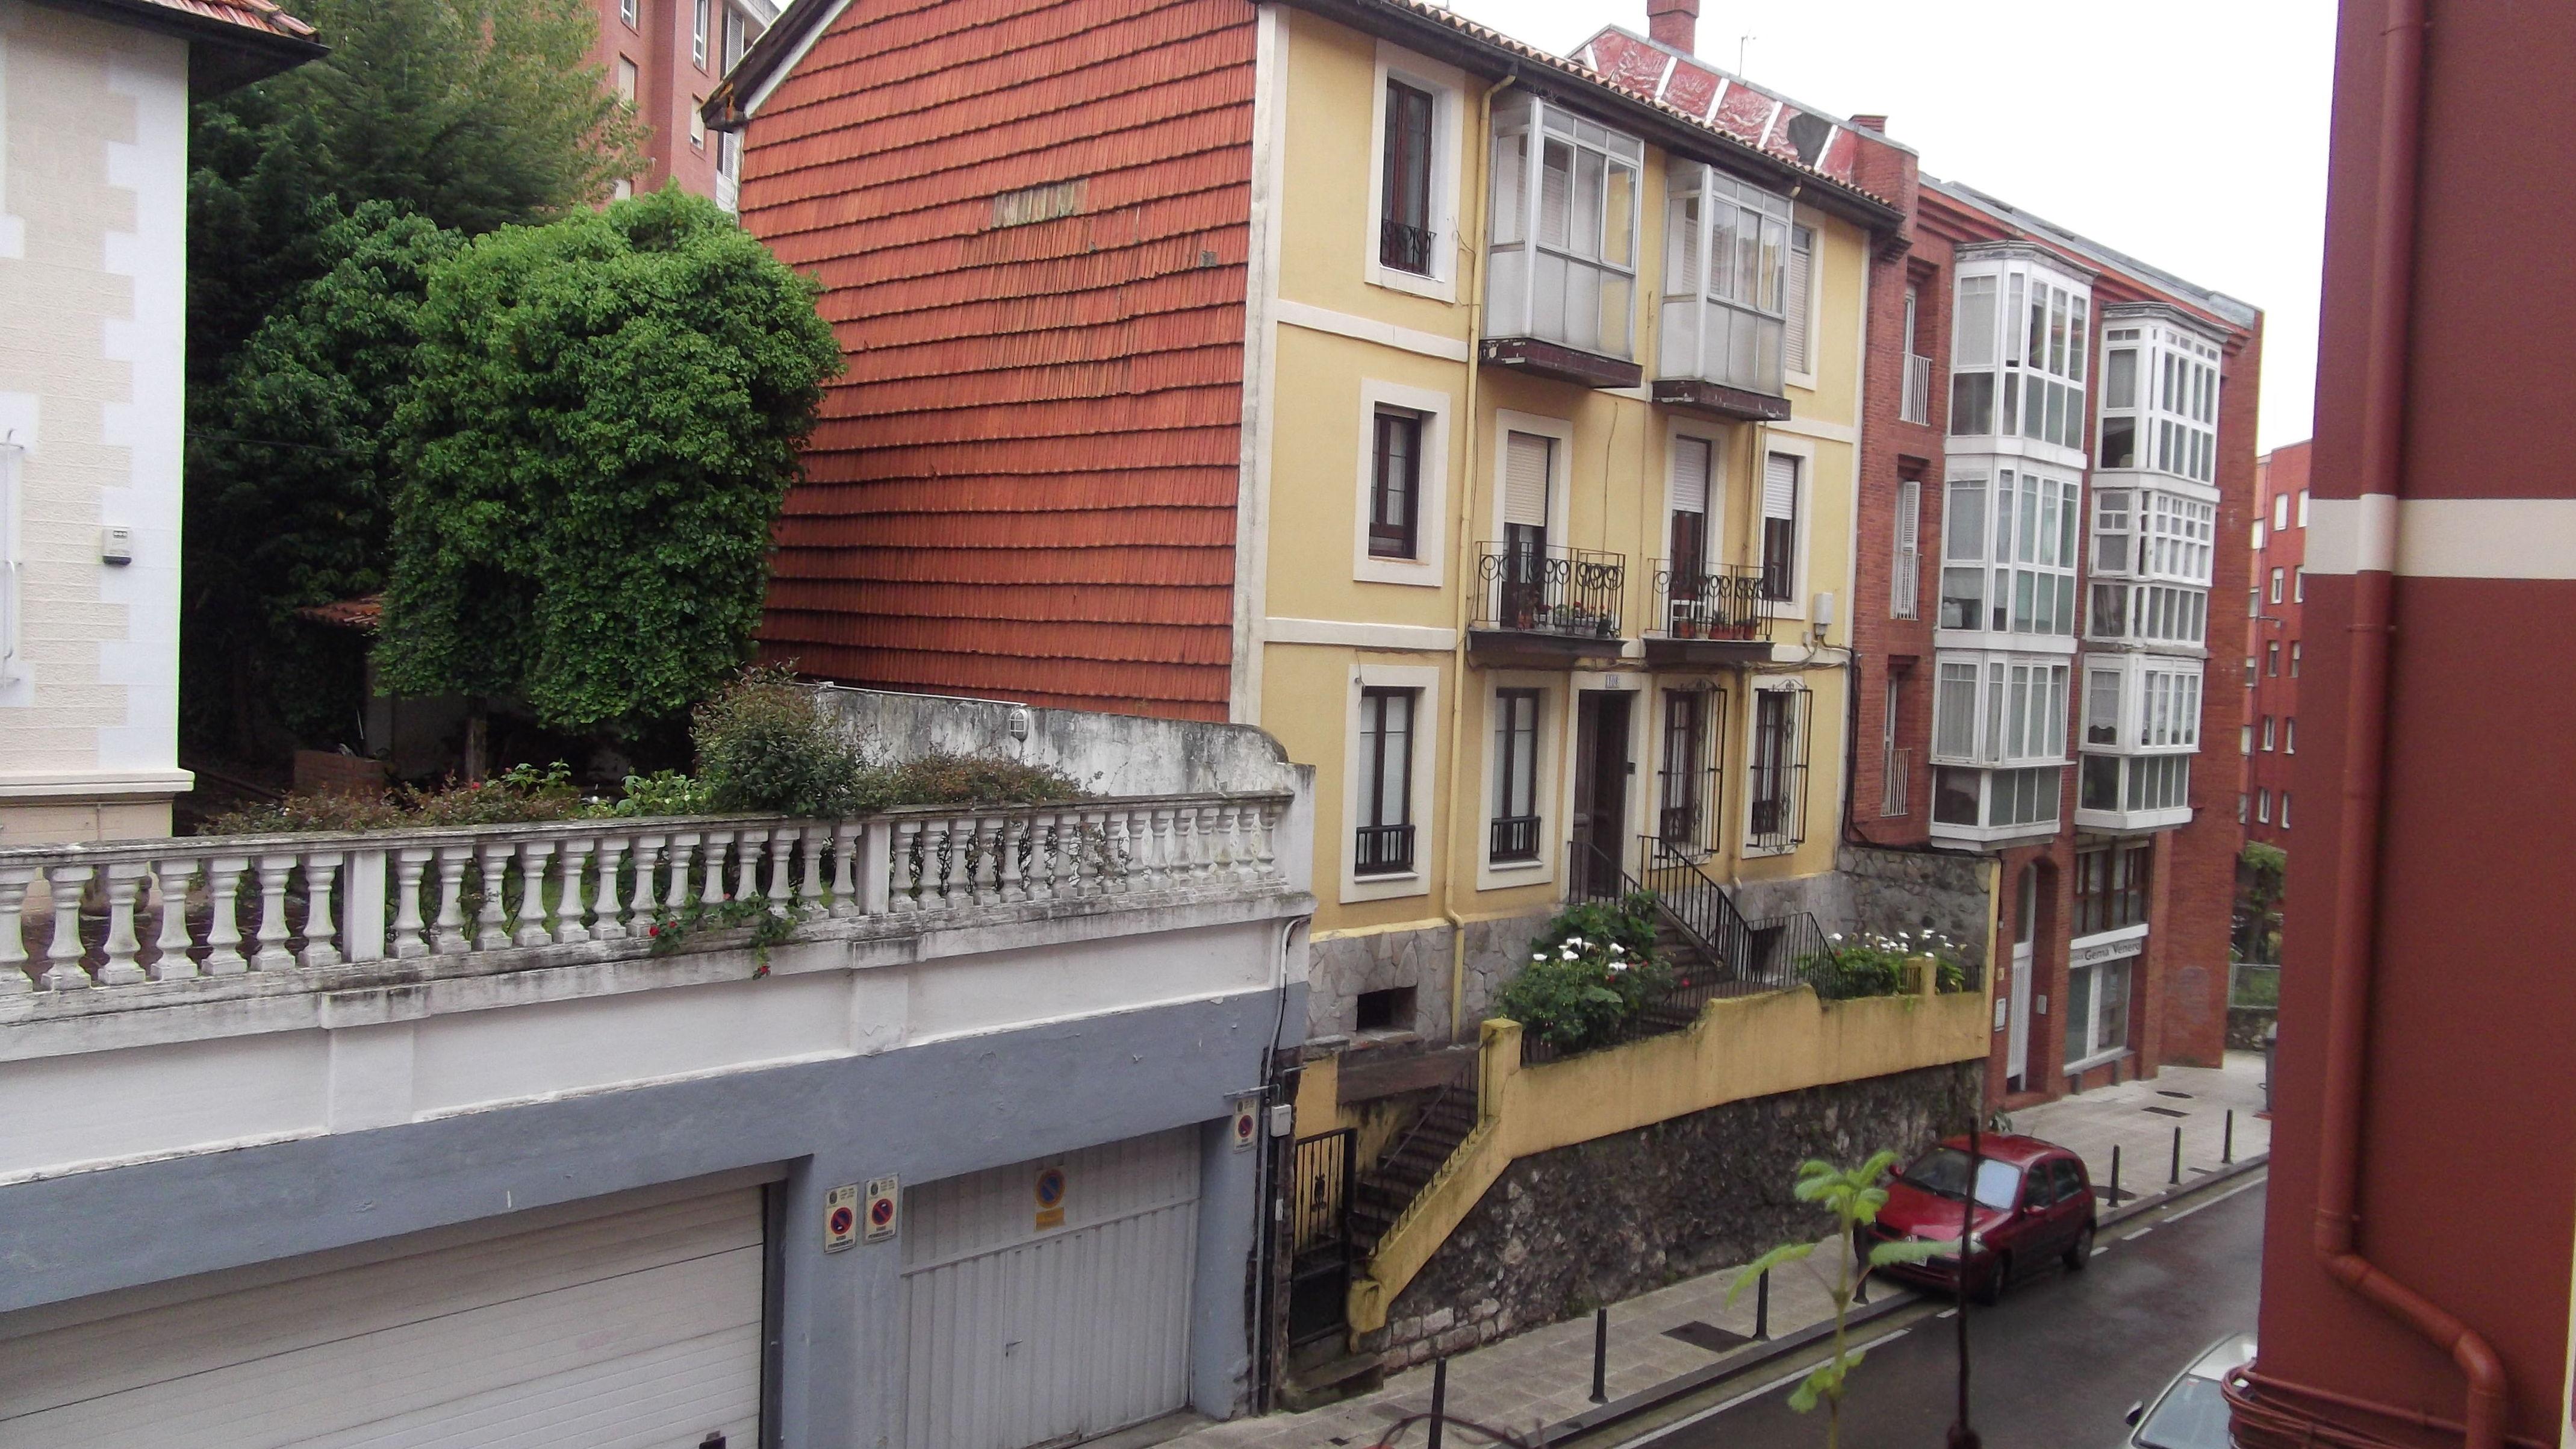 Piso en Cisneros: Inmobiliaria y Reformas de InmoHappy Santander